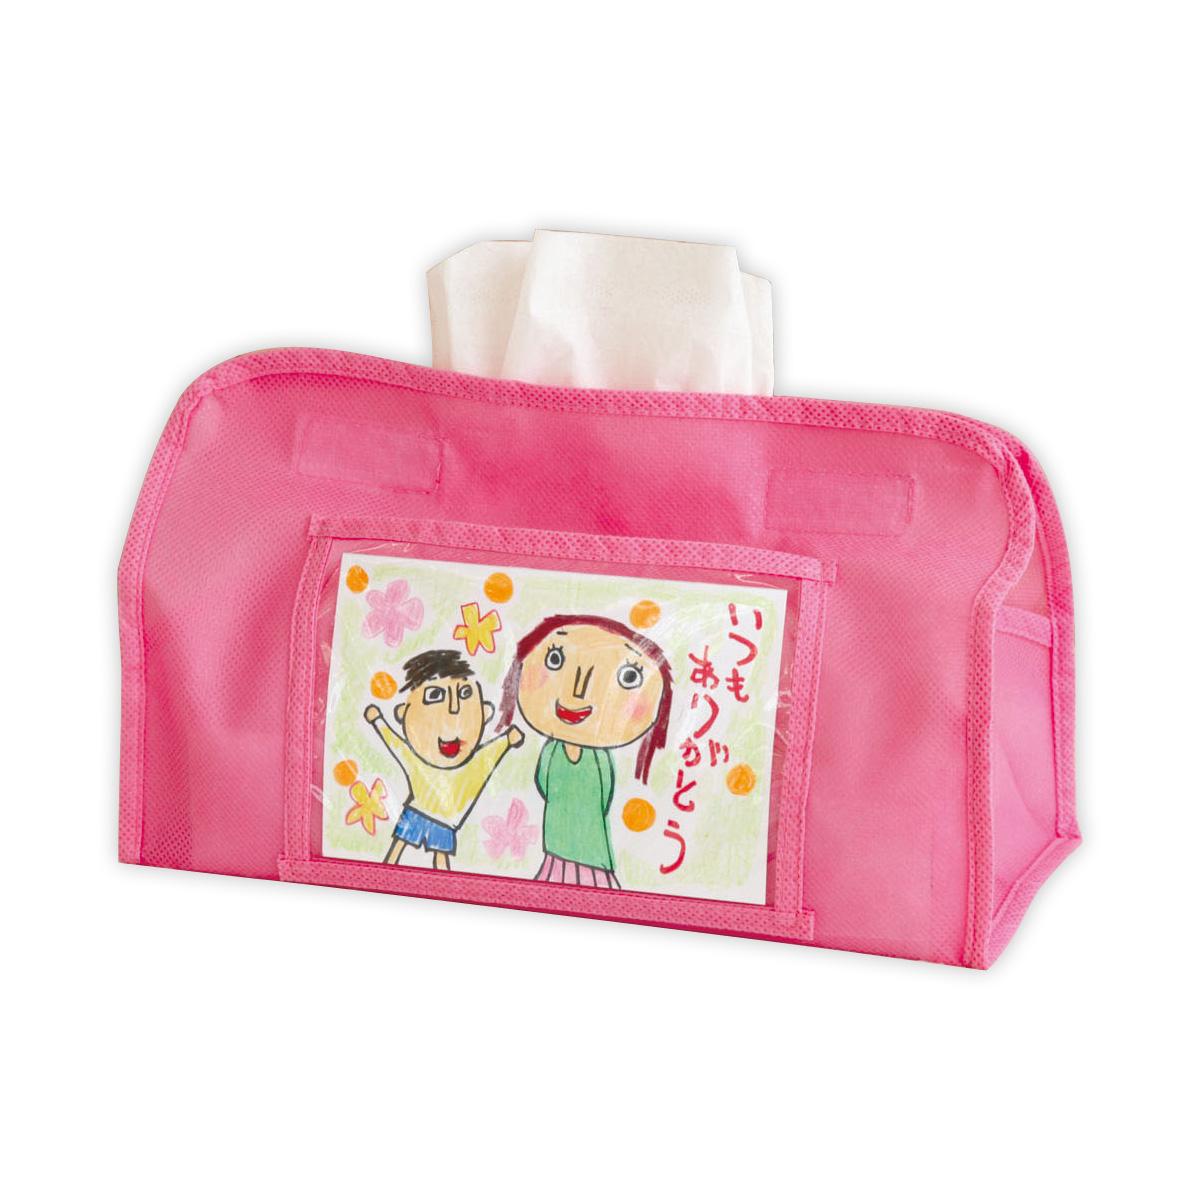 プレゼント ティッシュカバー ピンク 不織布 ティッシュボックス ティッシュケース ティッシュ入れ